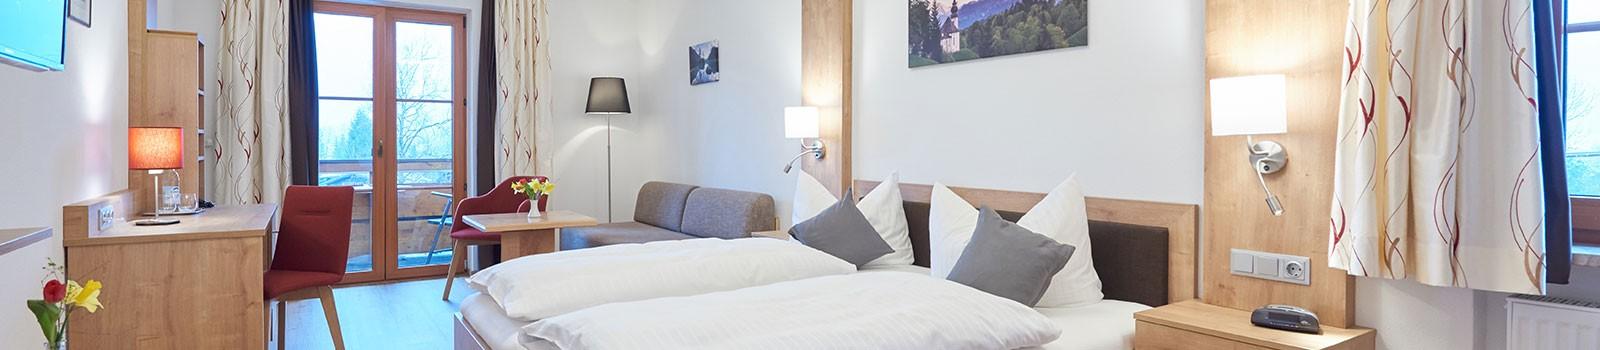 Zimmer-Hotel-Georgenhof